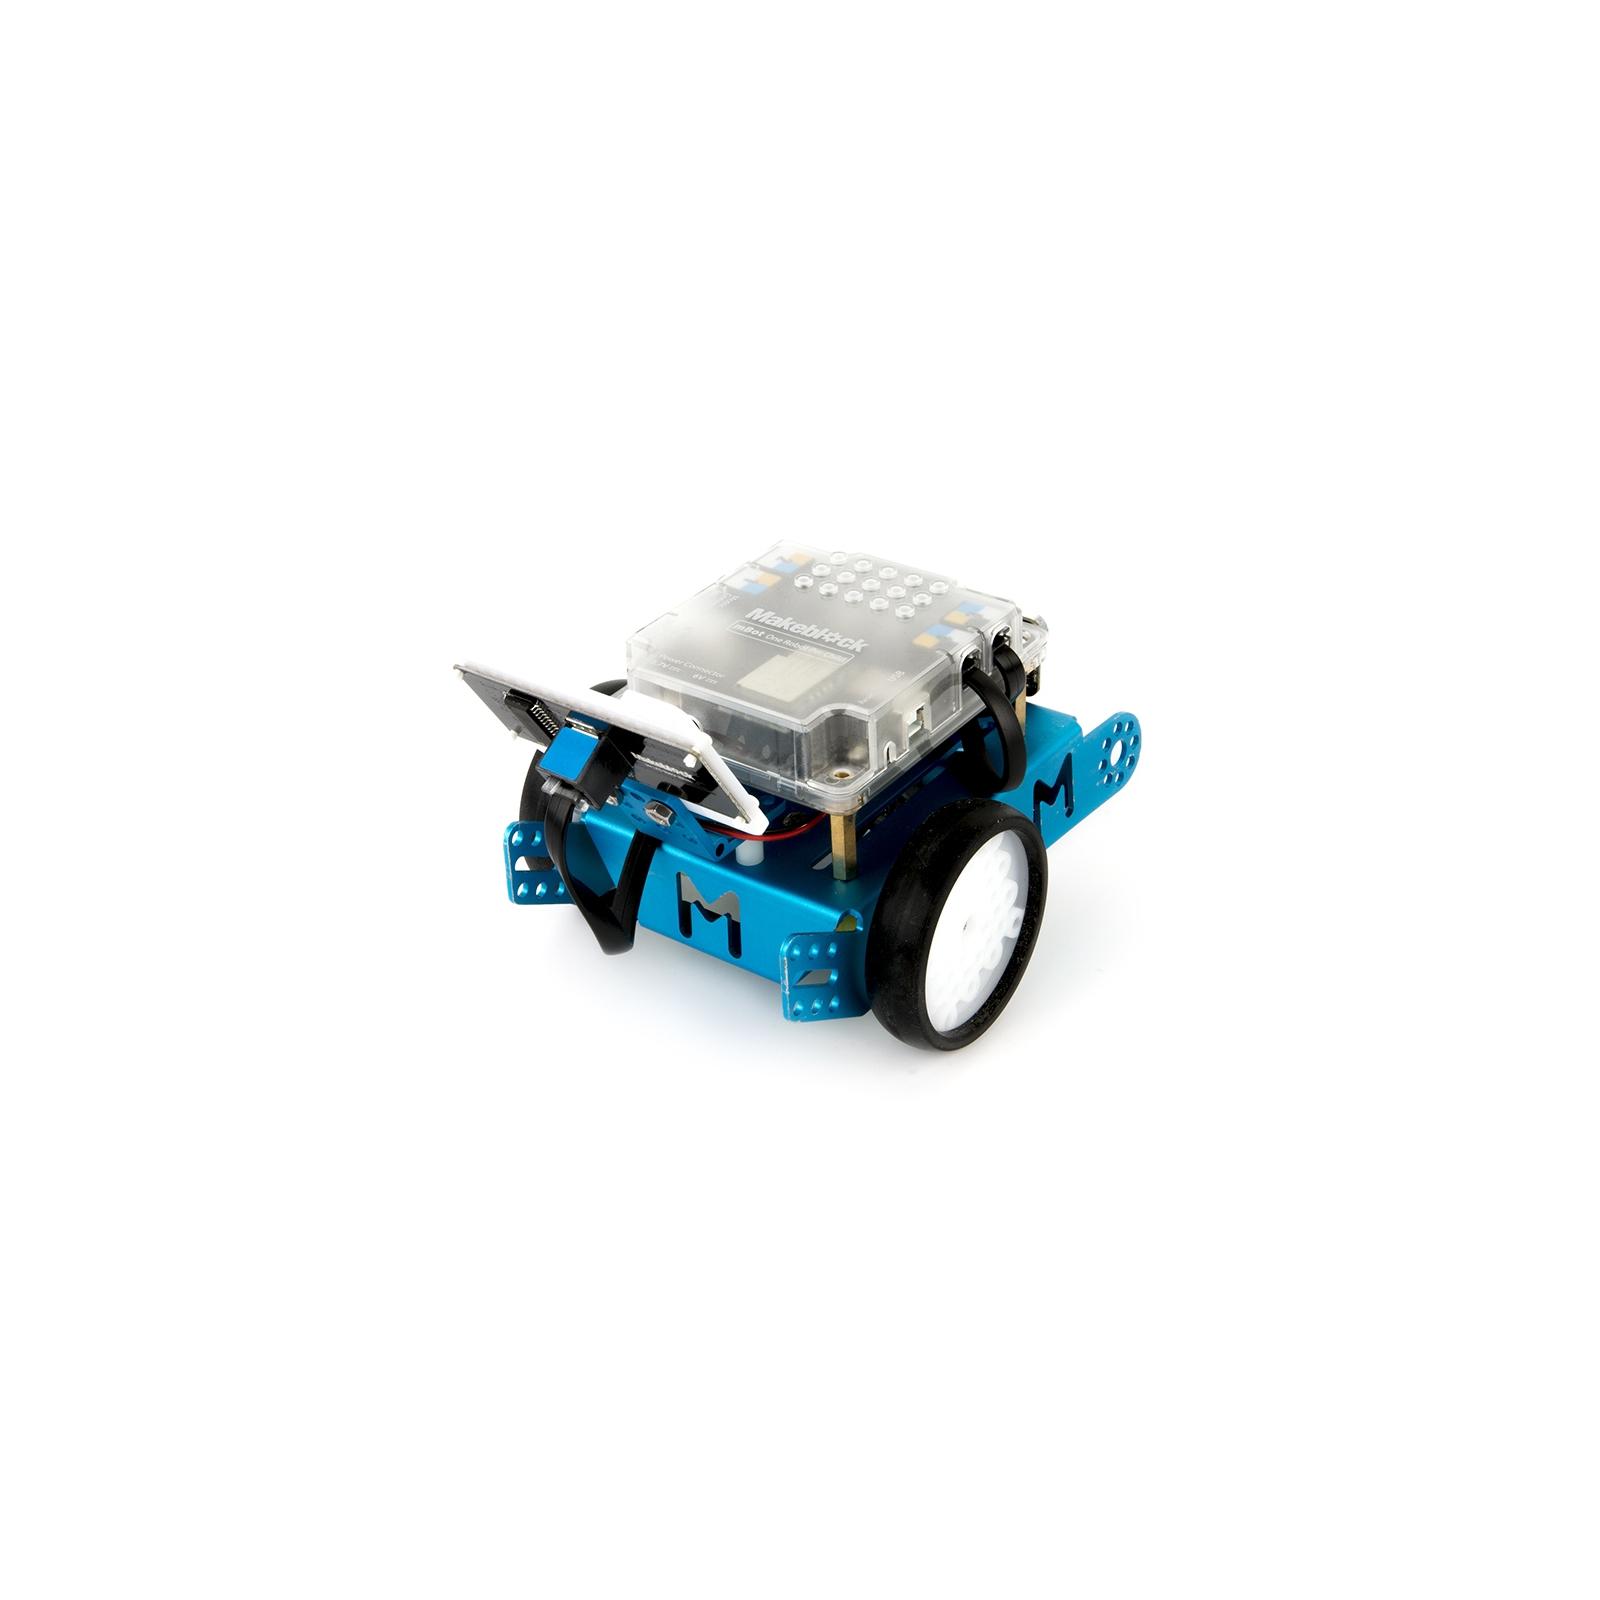 Робот Makeblock mBot S (P1010045) изображение 10